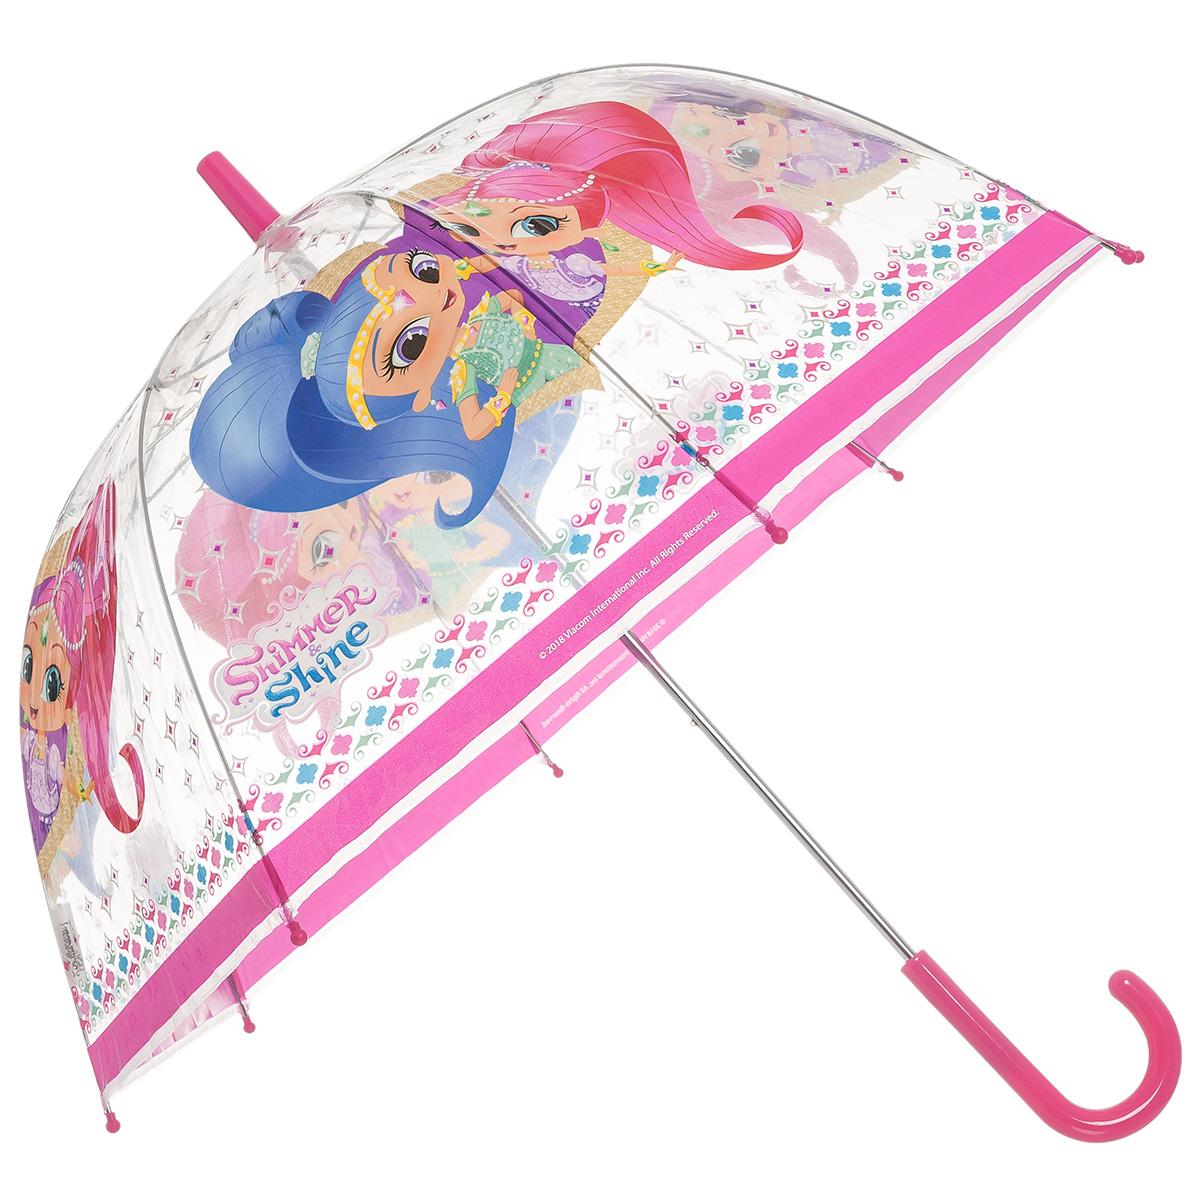 Ομπρέλα διάφανη Shimmer & Shine 00022586 - Φούξια - 5181-0010/3/26/95